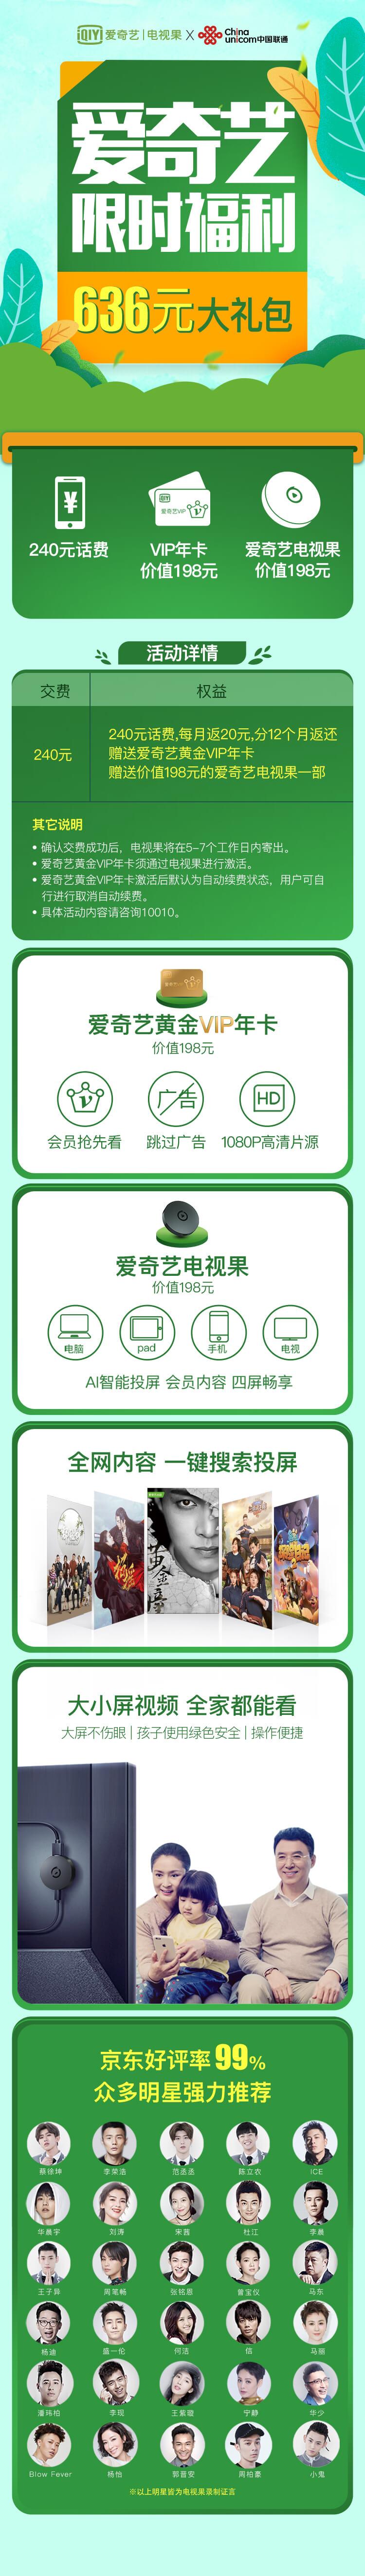 [爱奇艺限时独享] 湖南联通充值240话费赠送一年爱奇艺会员&一部电视果.jpg